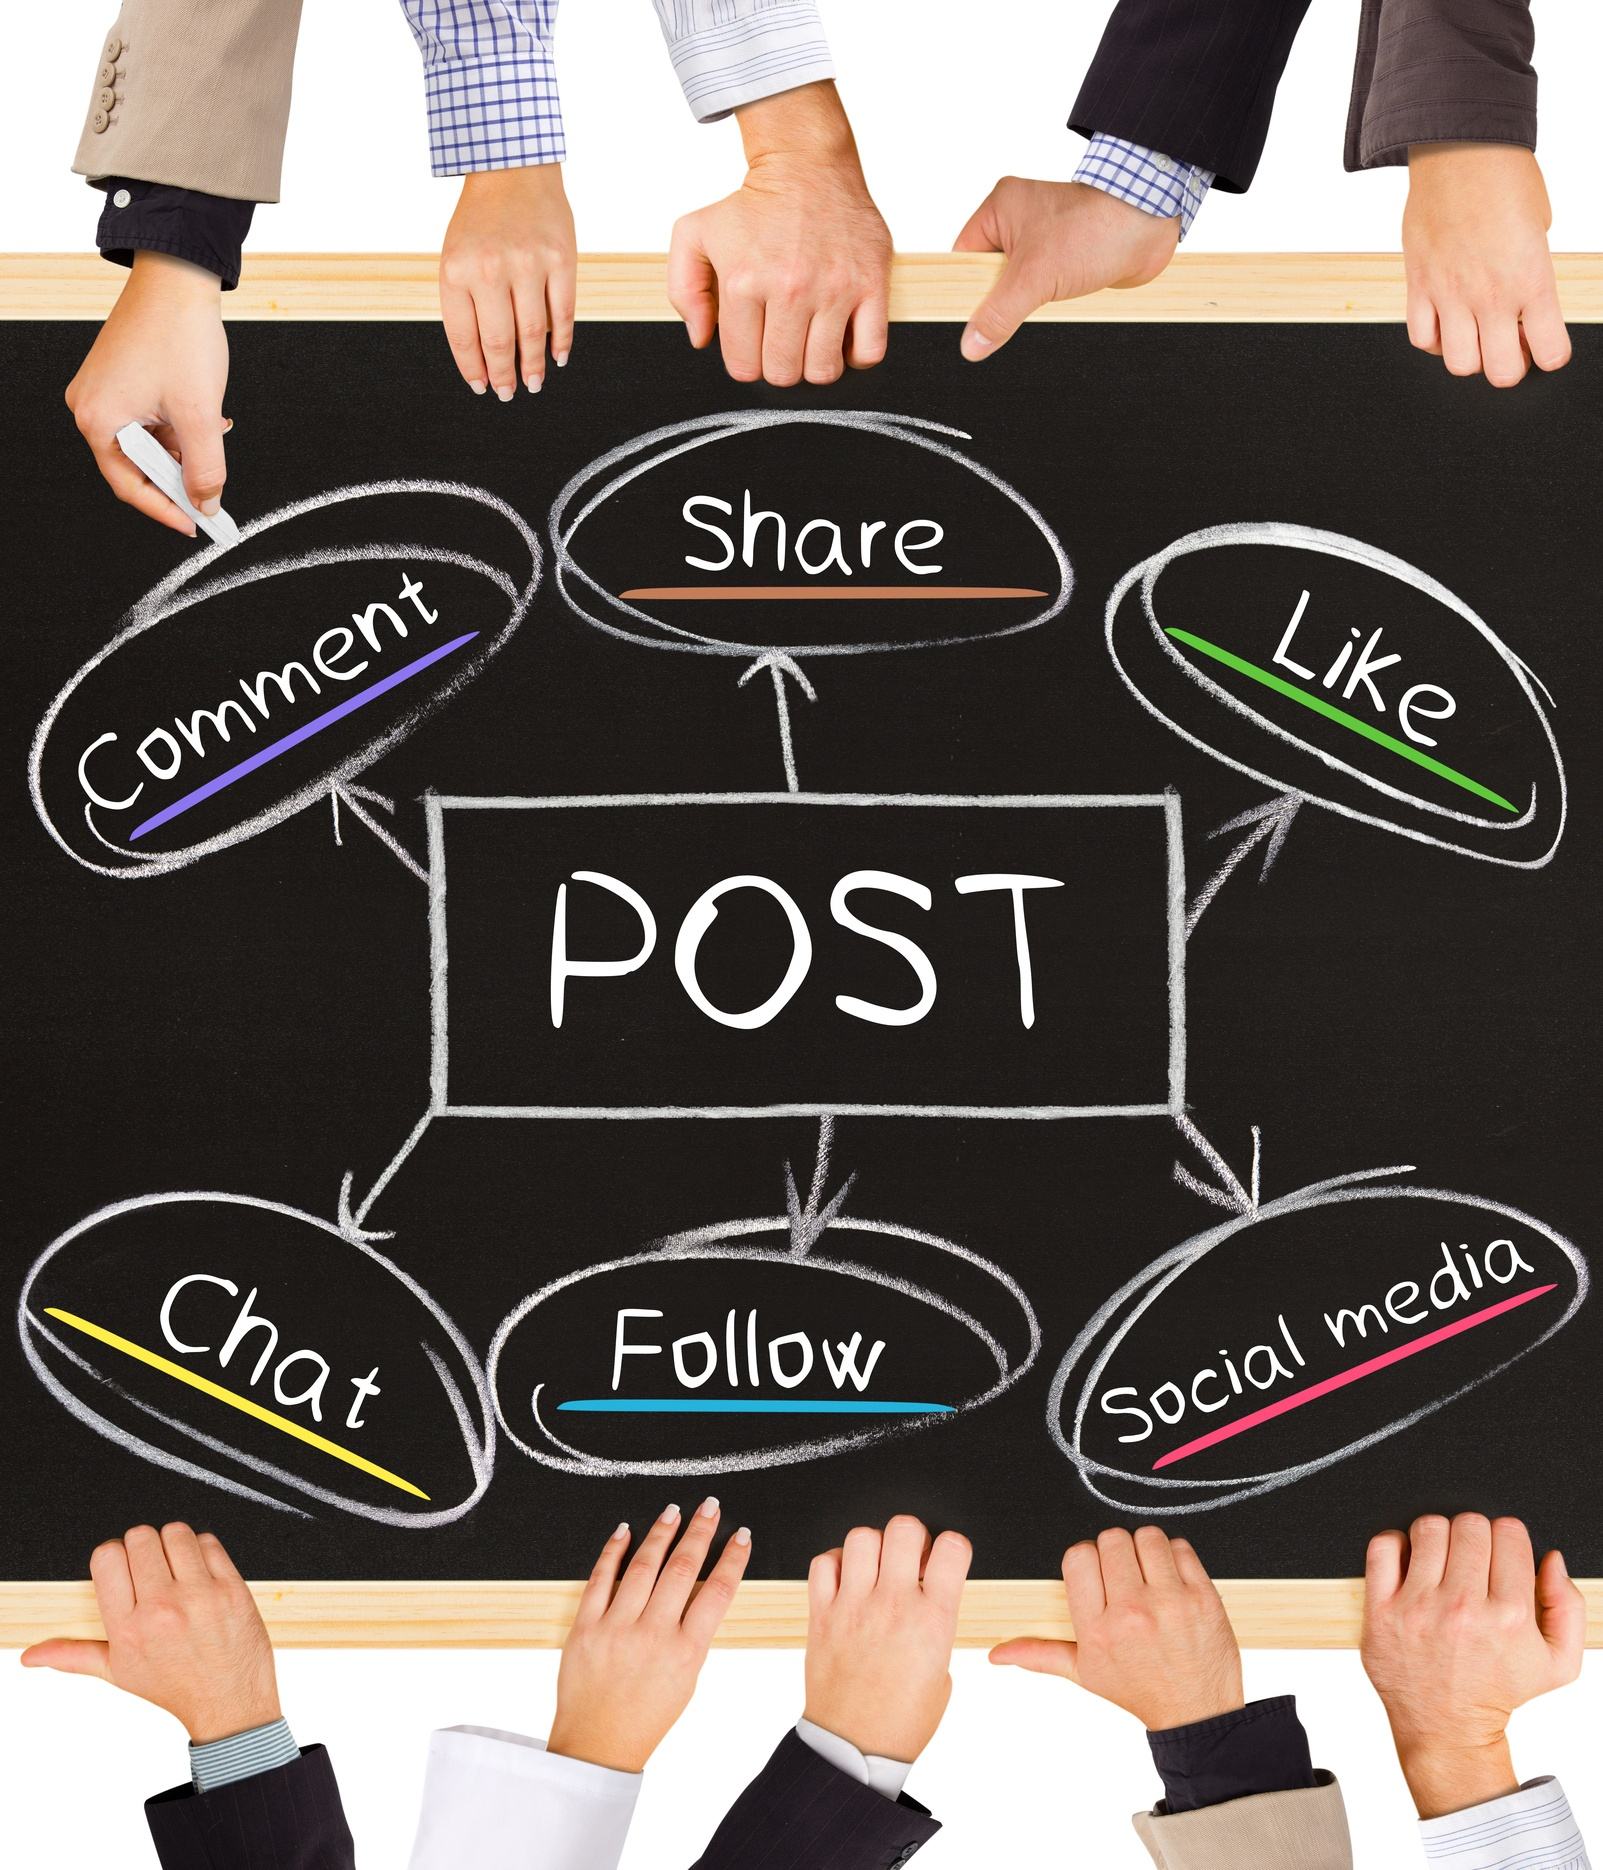 4 Key Elements of a Social Media Content Plan